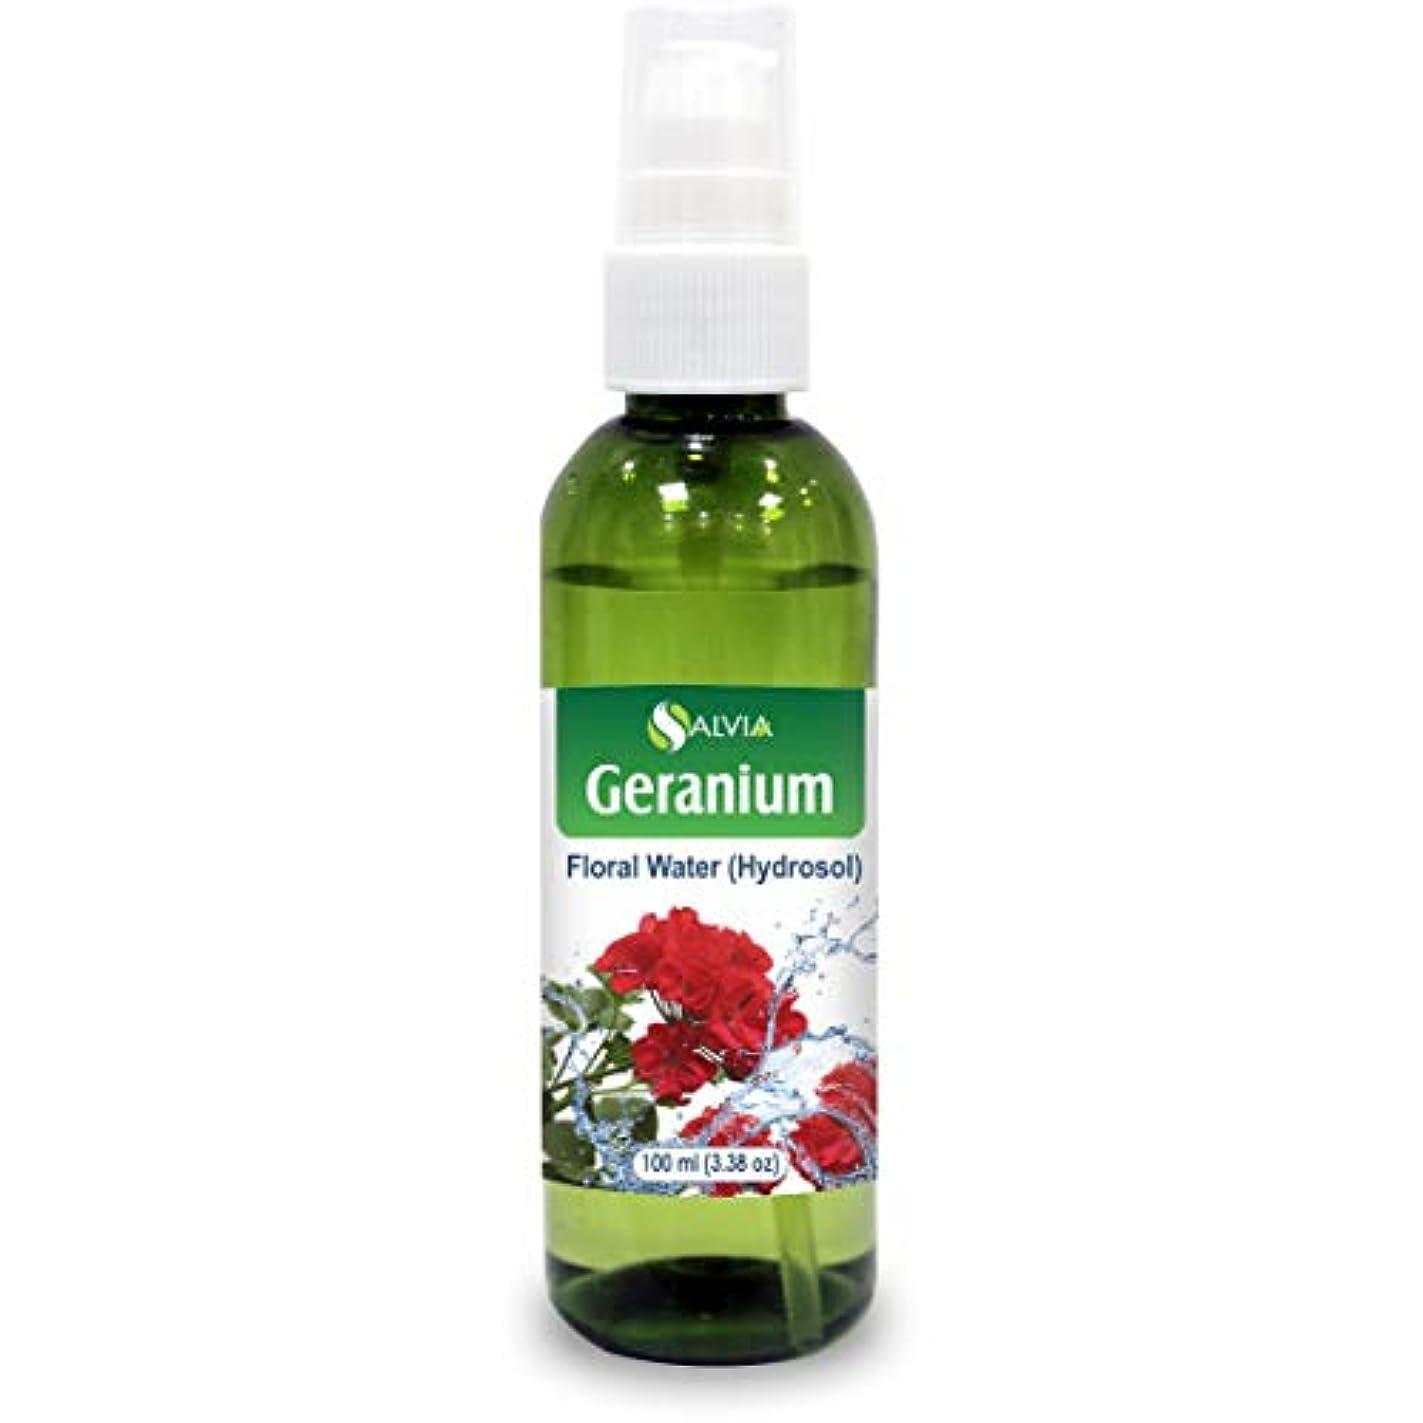 罰パートナー特定のGeranium Floral Water 100ml (Hydrosol) 100% Pure And Natural